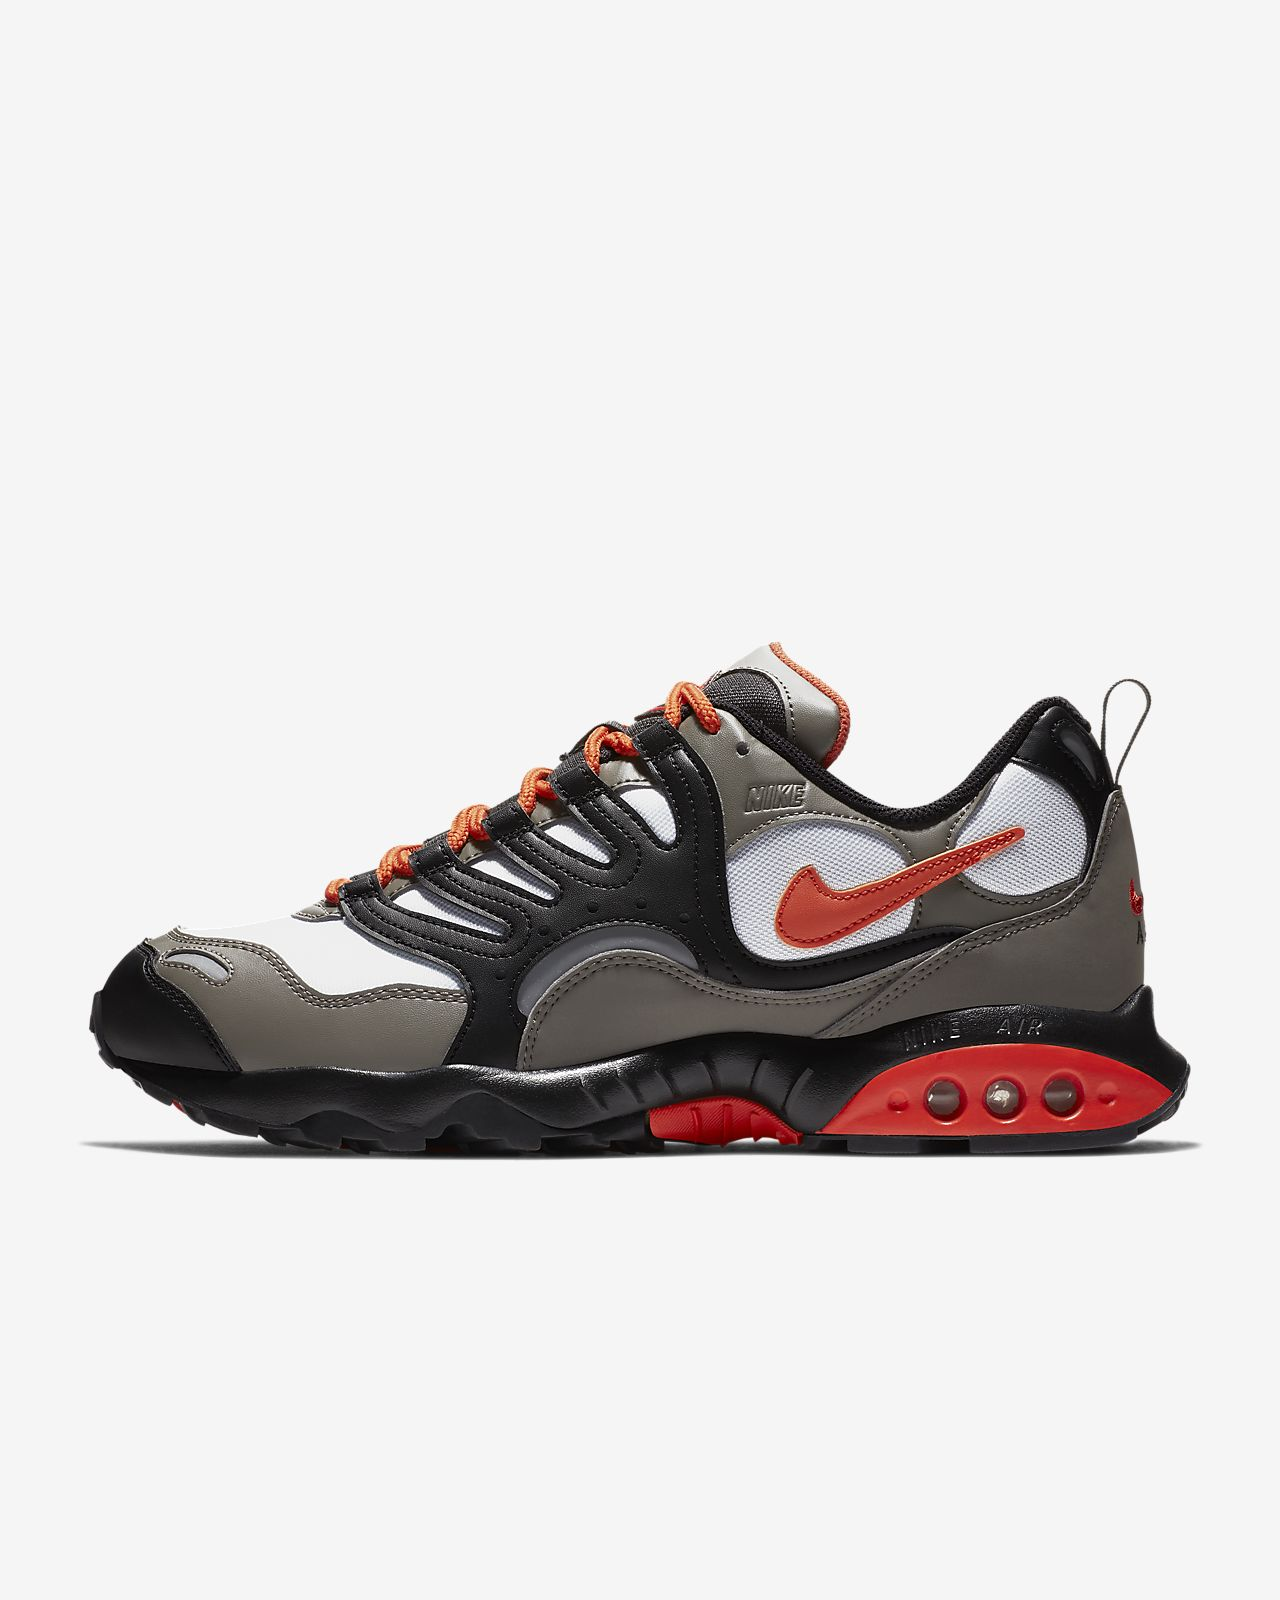 reputable site b4148 6ab80 Nike Air Terra Humara 18 Men's Shoe. Nike.com ZA